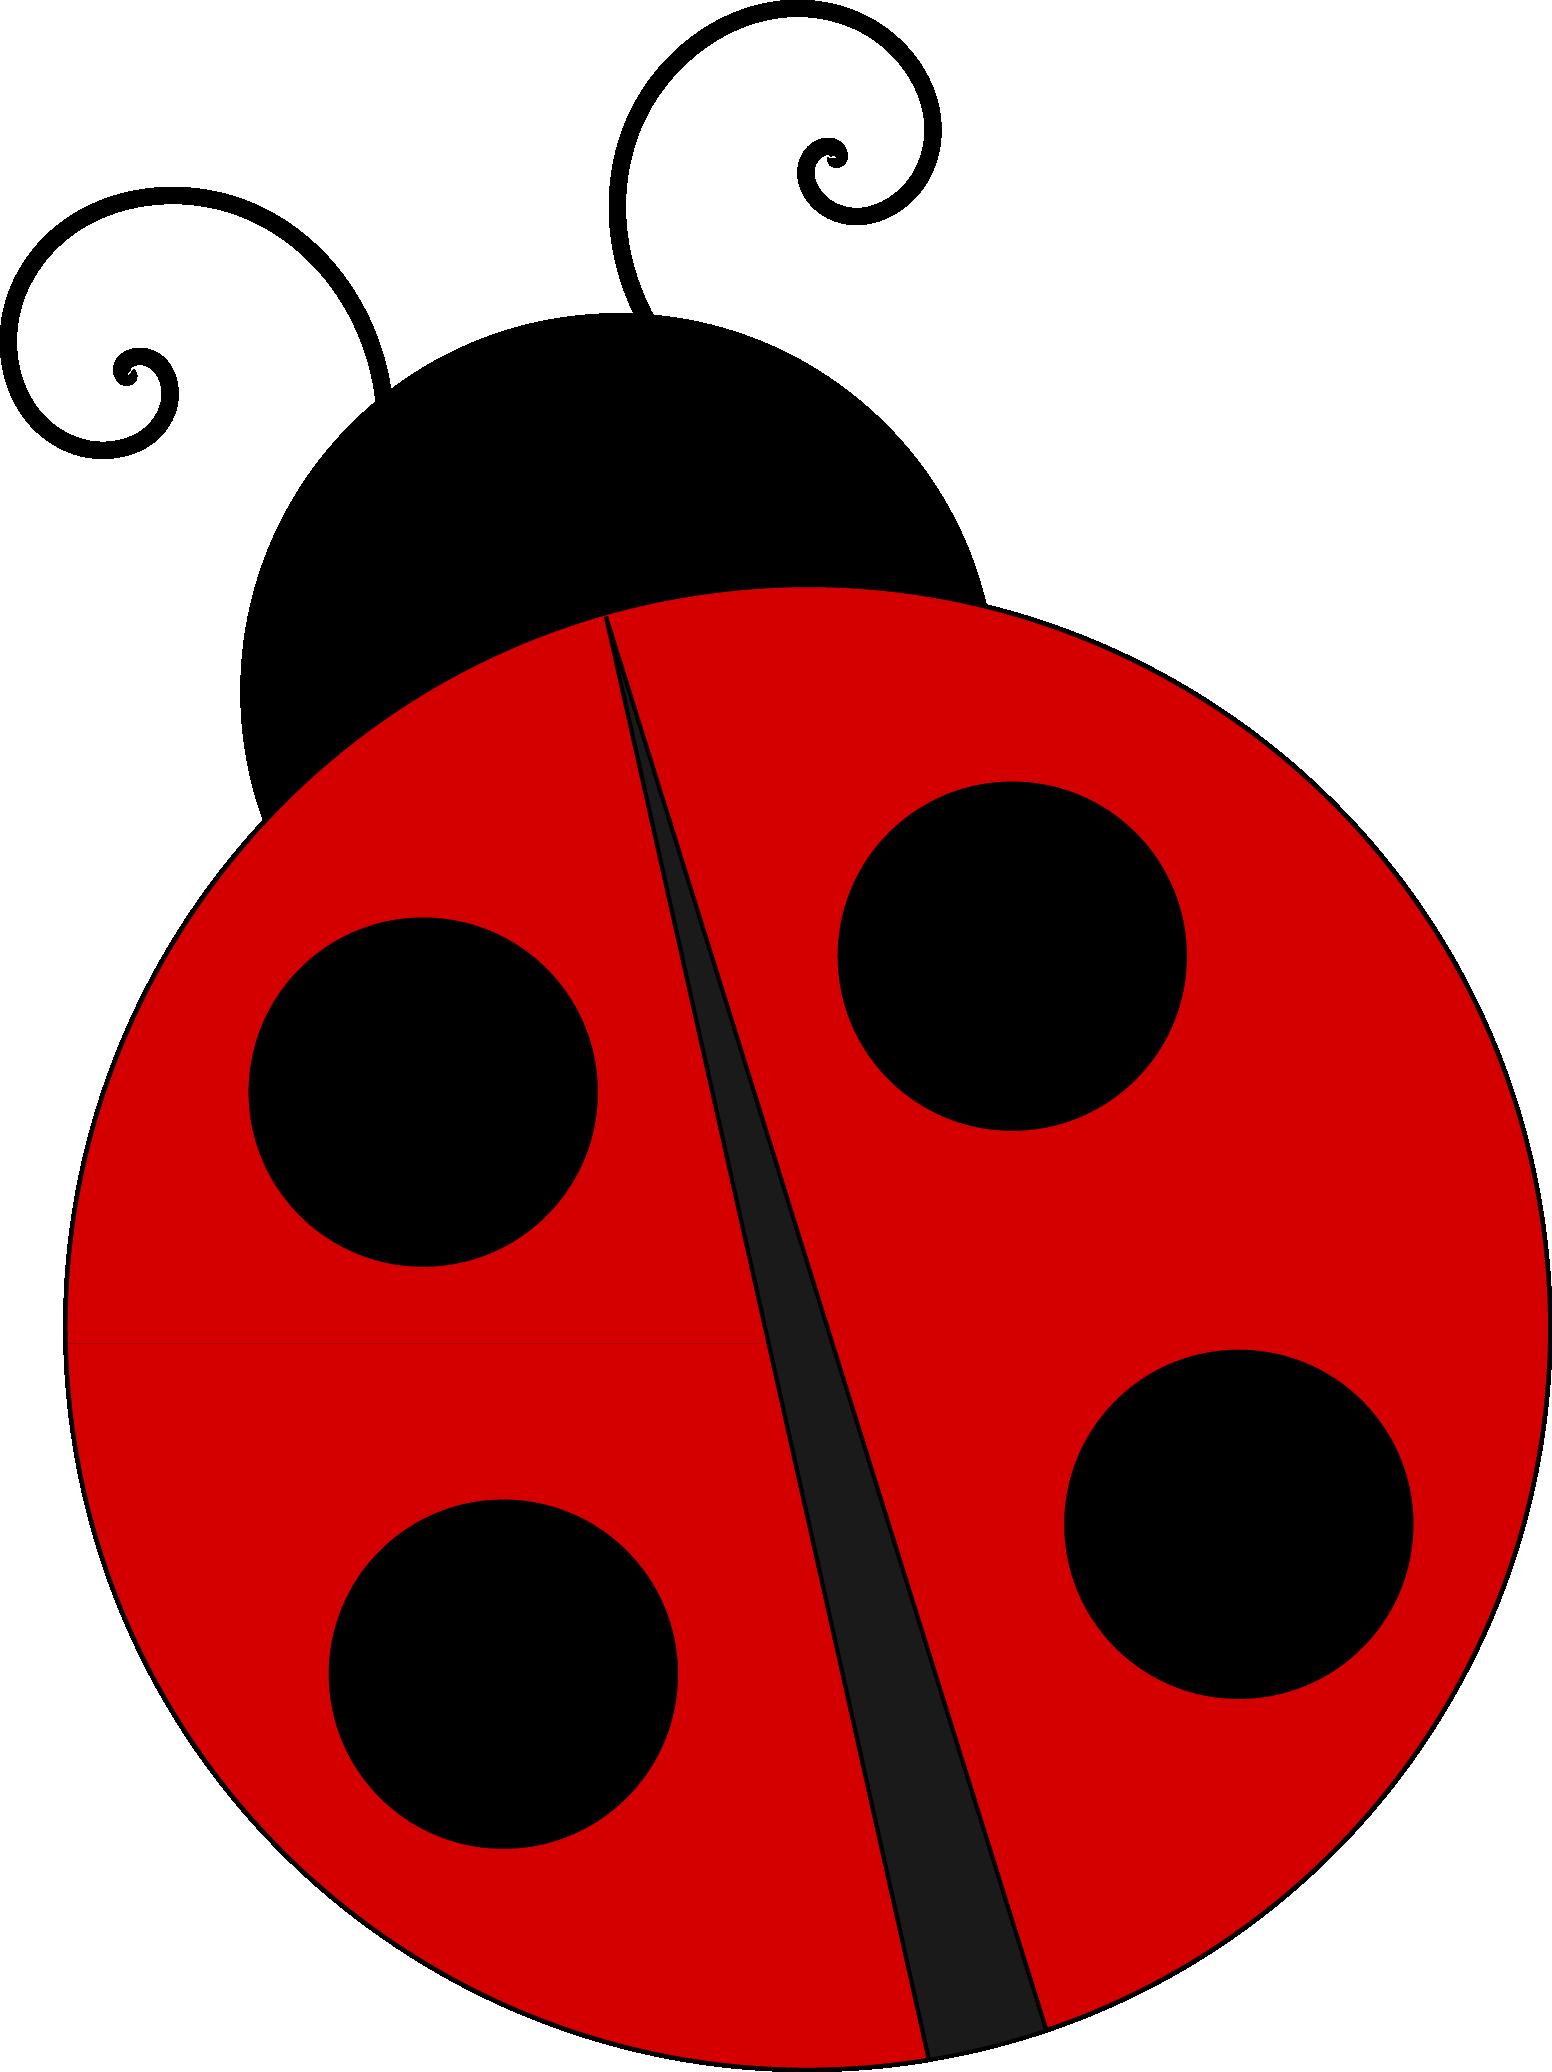 Ladybugs clipart transparent background. Ladybird clip art ladybug